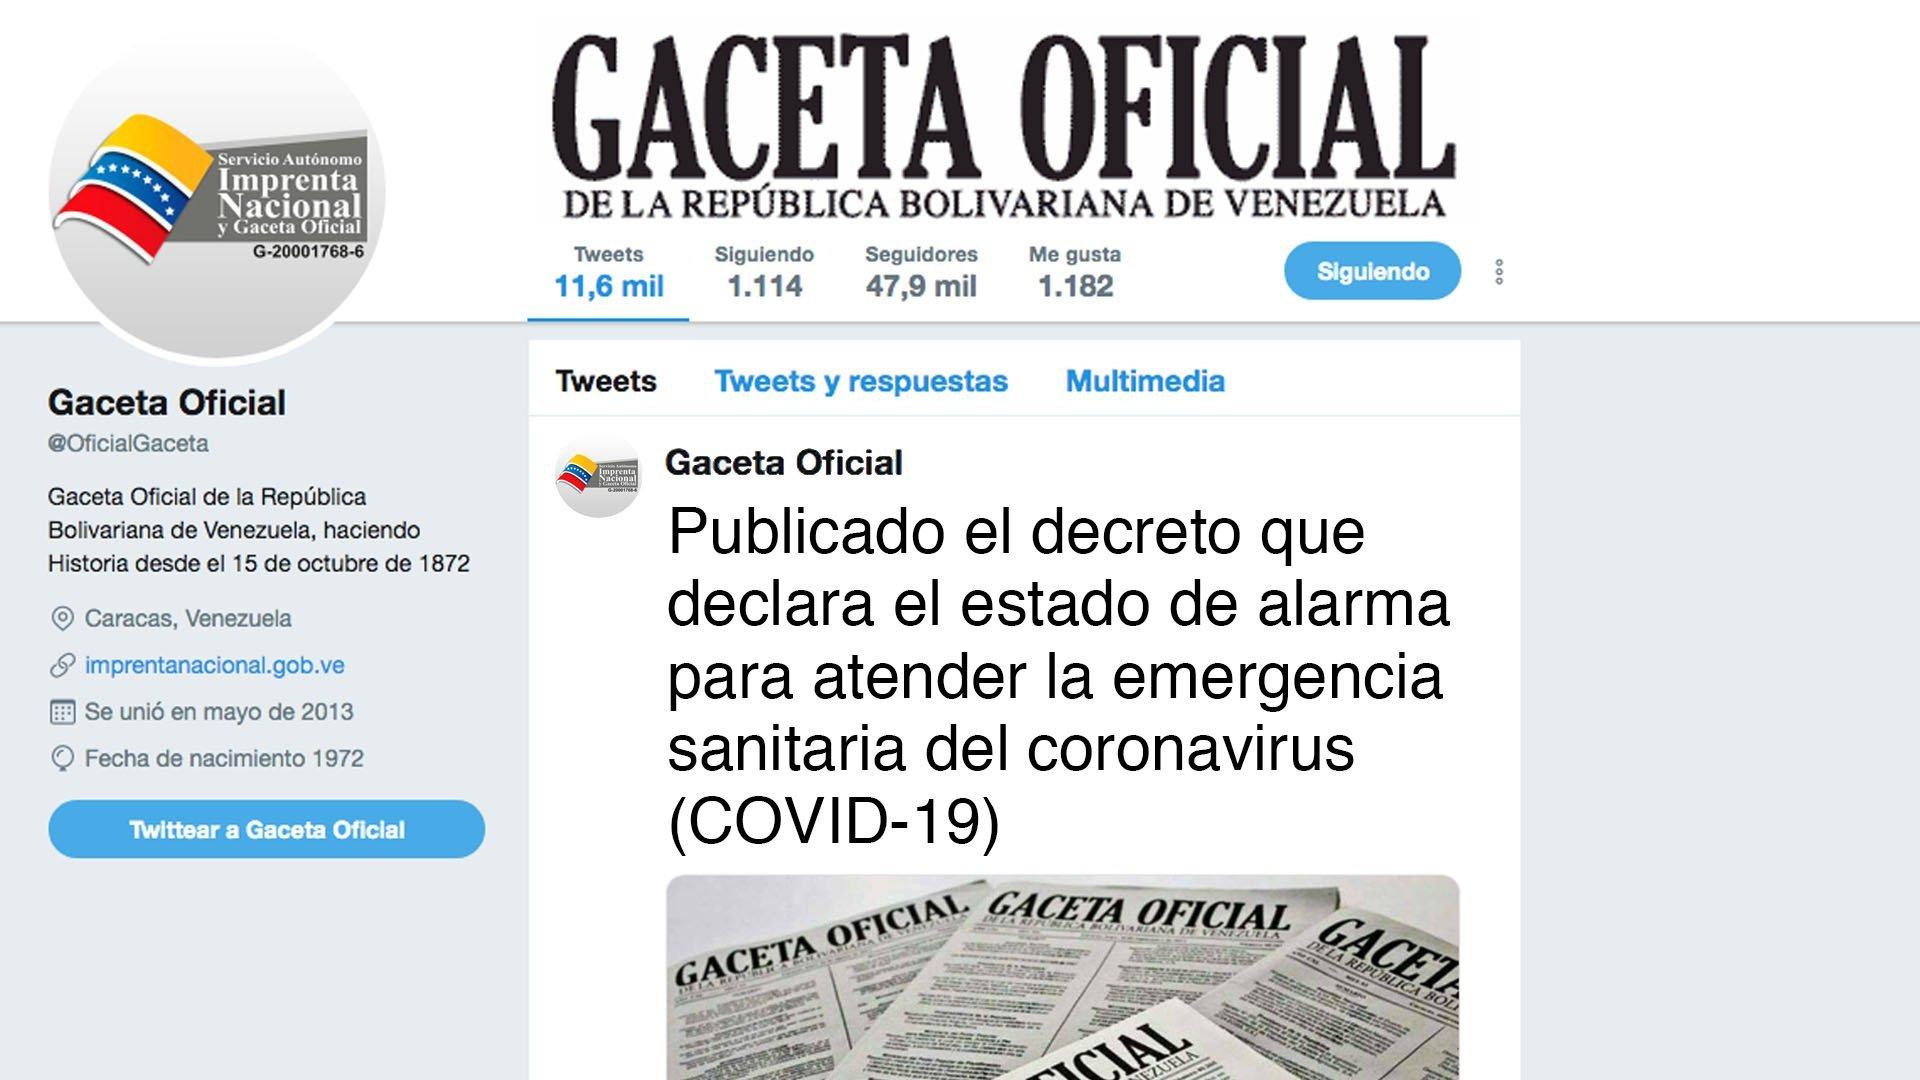 Publicado el decreto que declara el estado de alarma para atender la emergencia sanitaria del coronavirus (COVID-19)